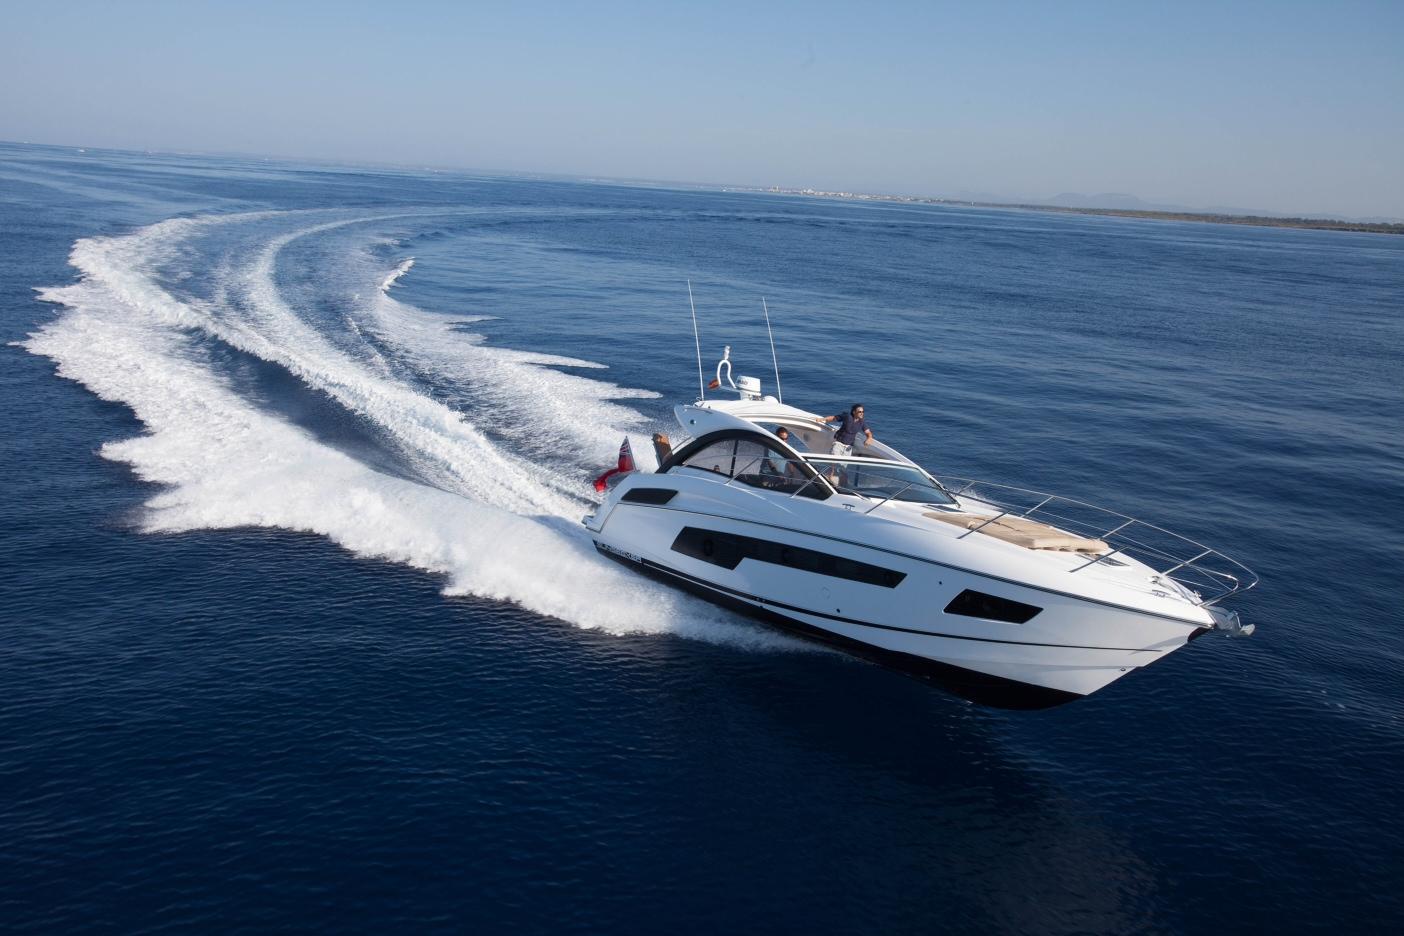 Sunseeker Portofino 40 Yacht Yacht Charter Amp Superyacht News